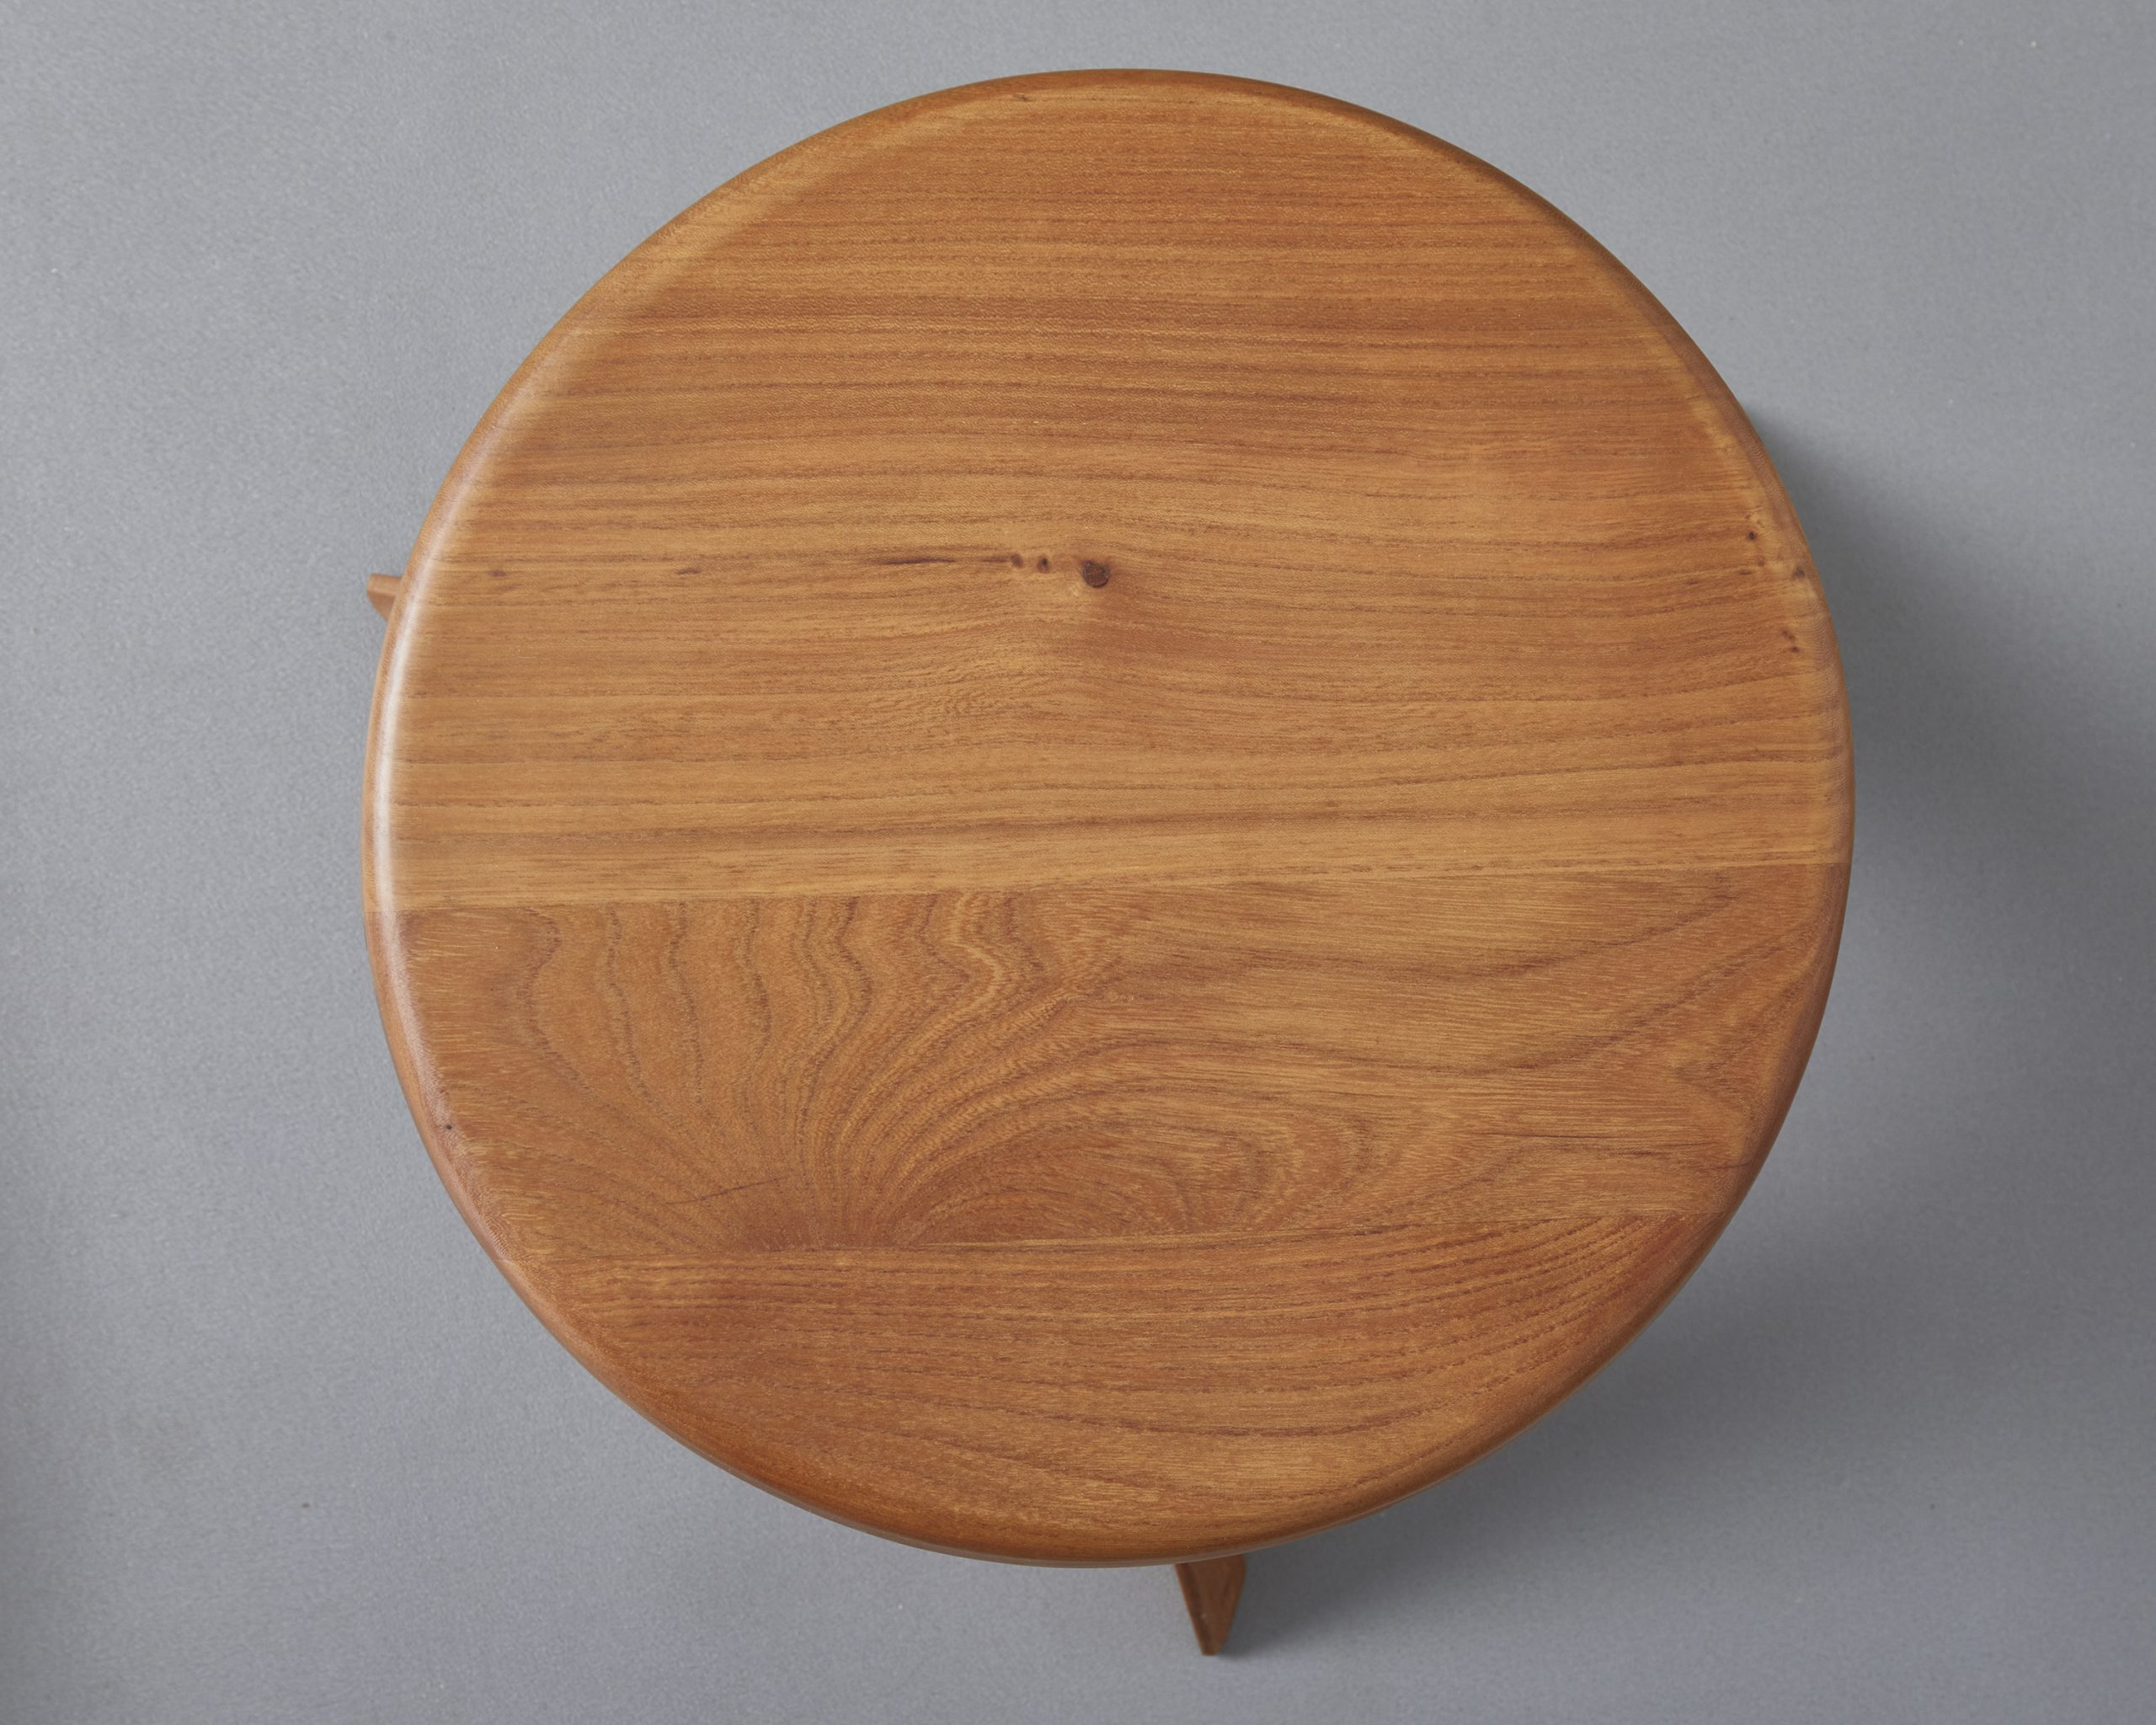 pierre-chapo-s31-elmwood-stool-image-05